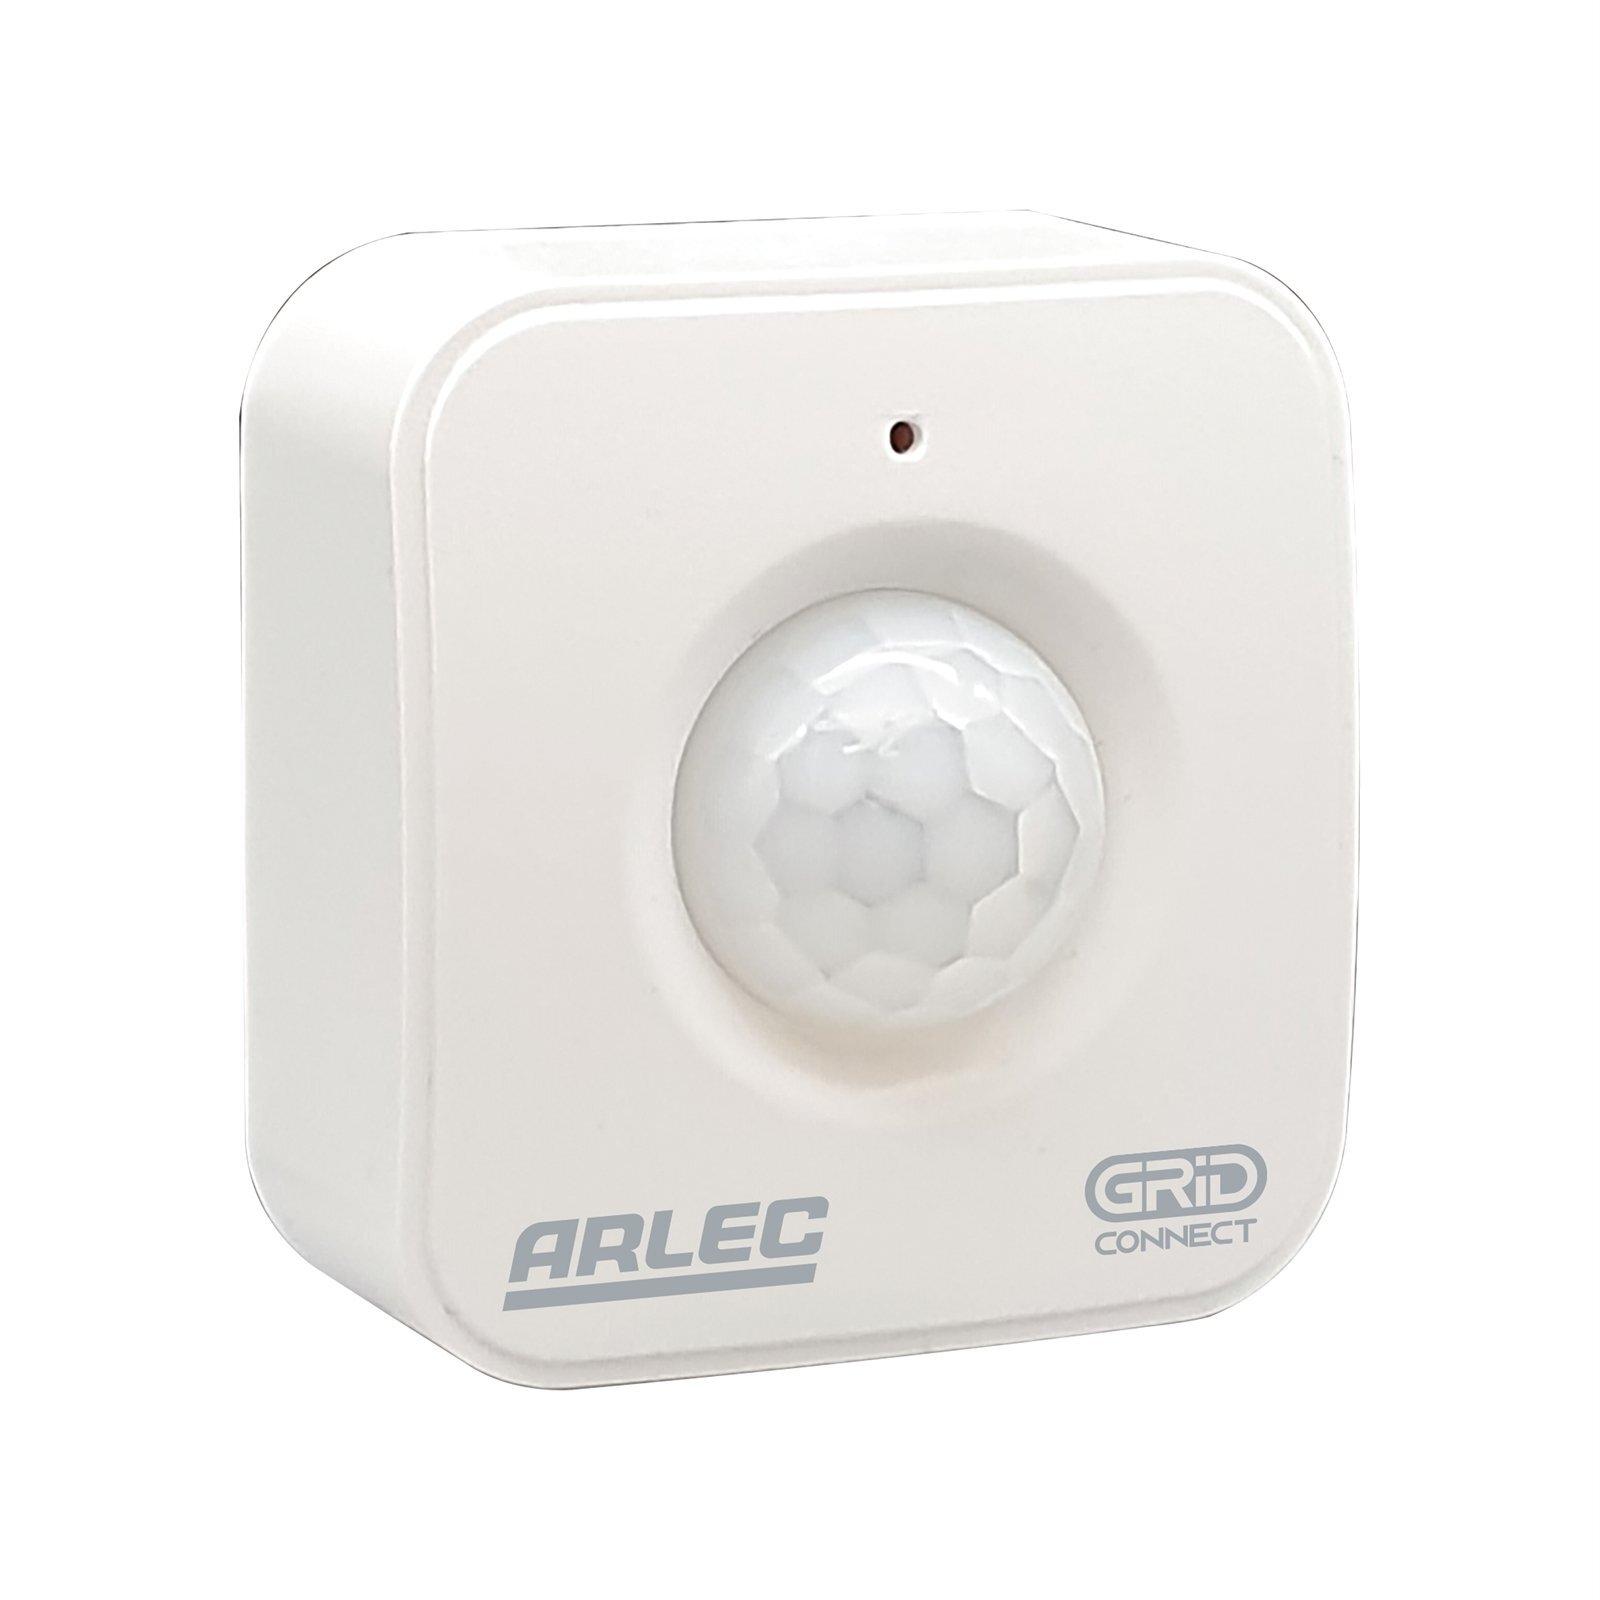 Arlec Grid Connect Smart Motion Sensor